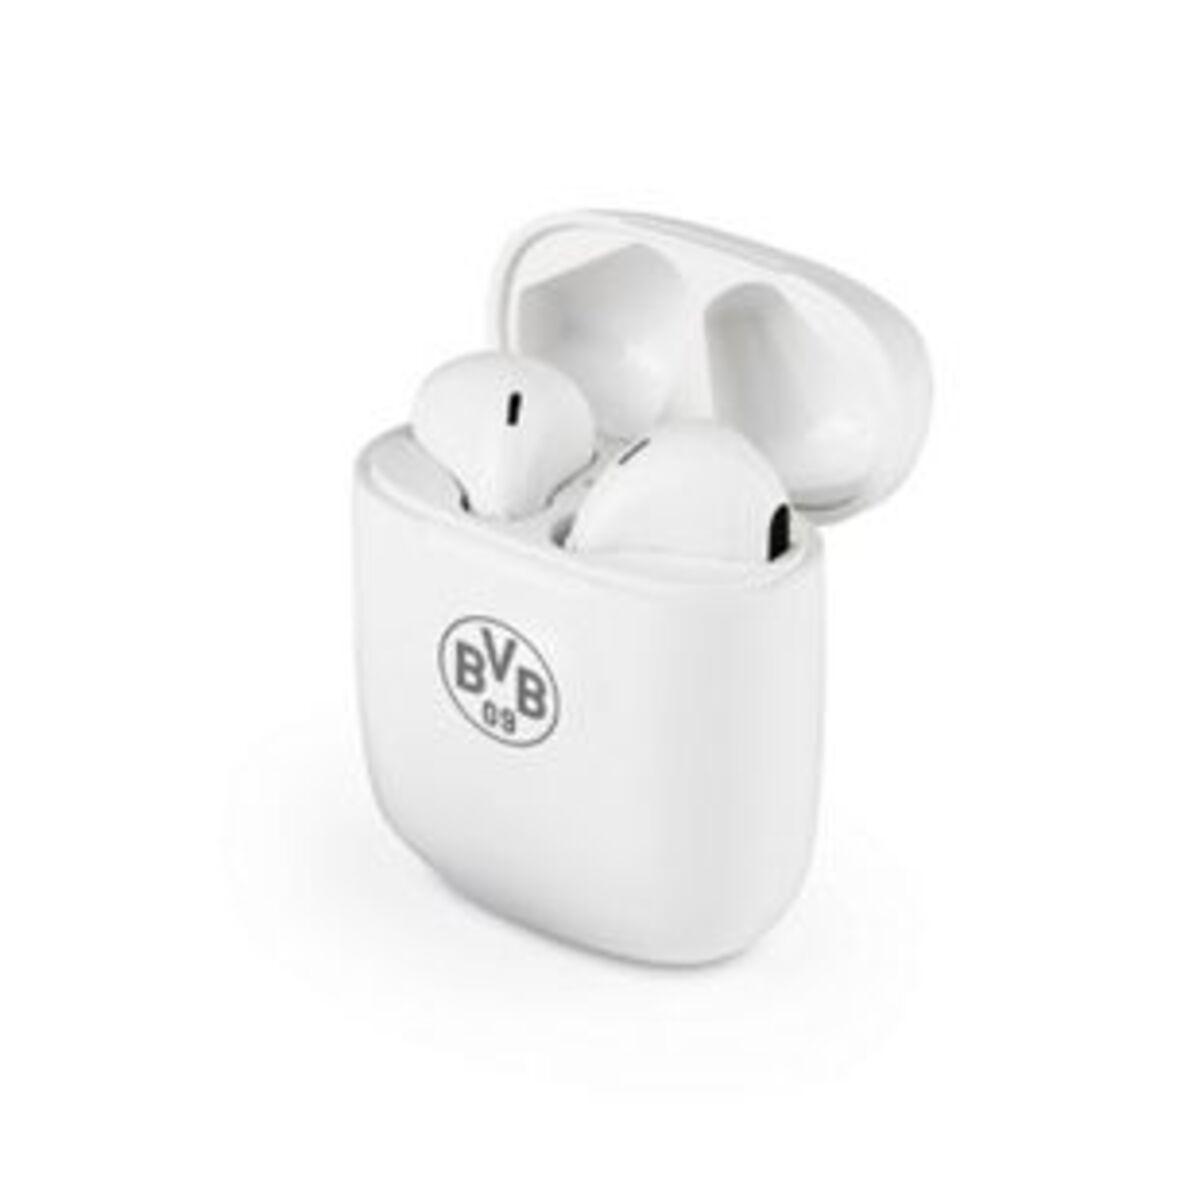 Bild 2 von BVB Kopfhörer In-Ear Bluetooth 5V weiß/grau mit Logo